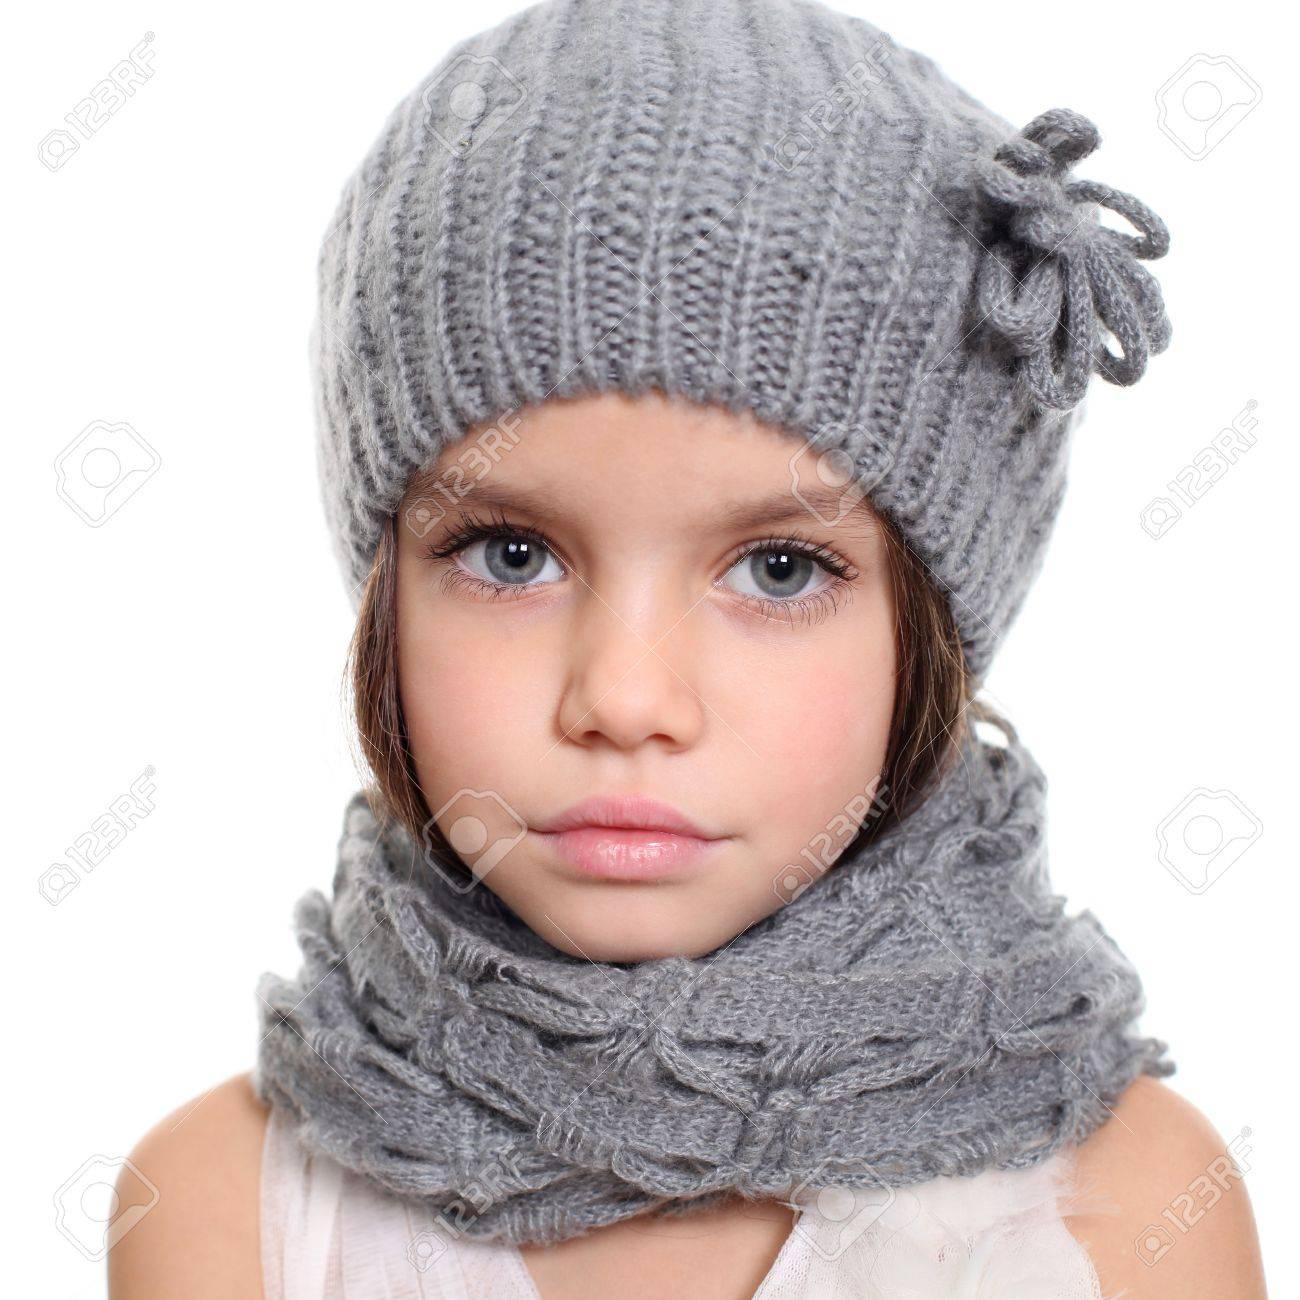 Tricoter bonnet jeune fille